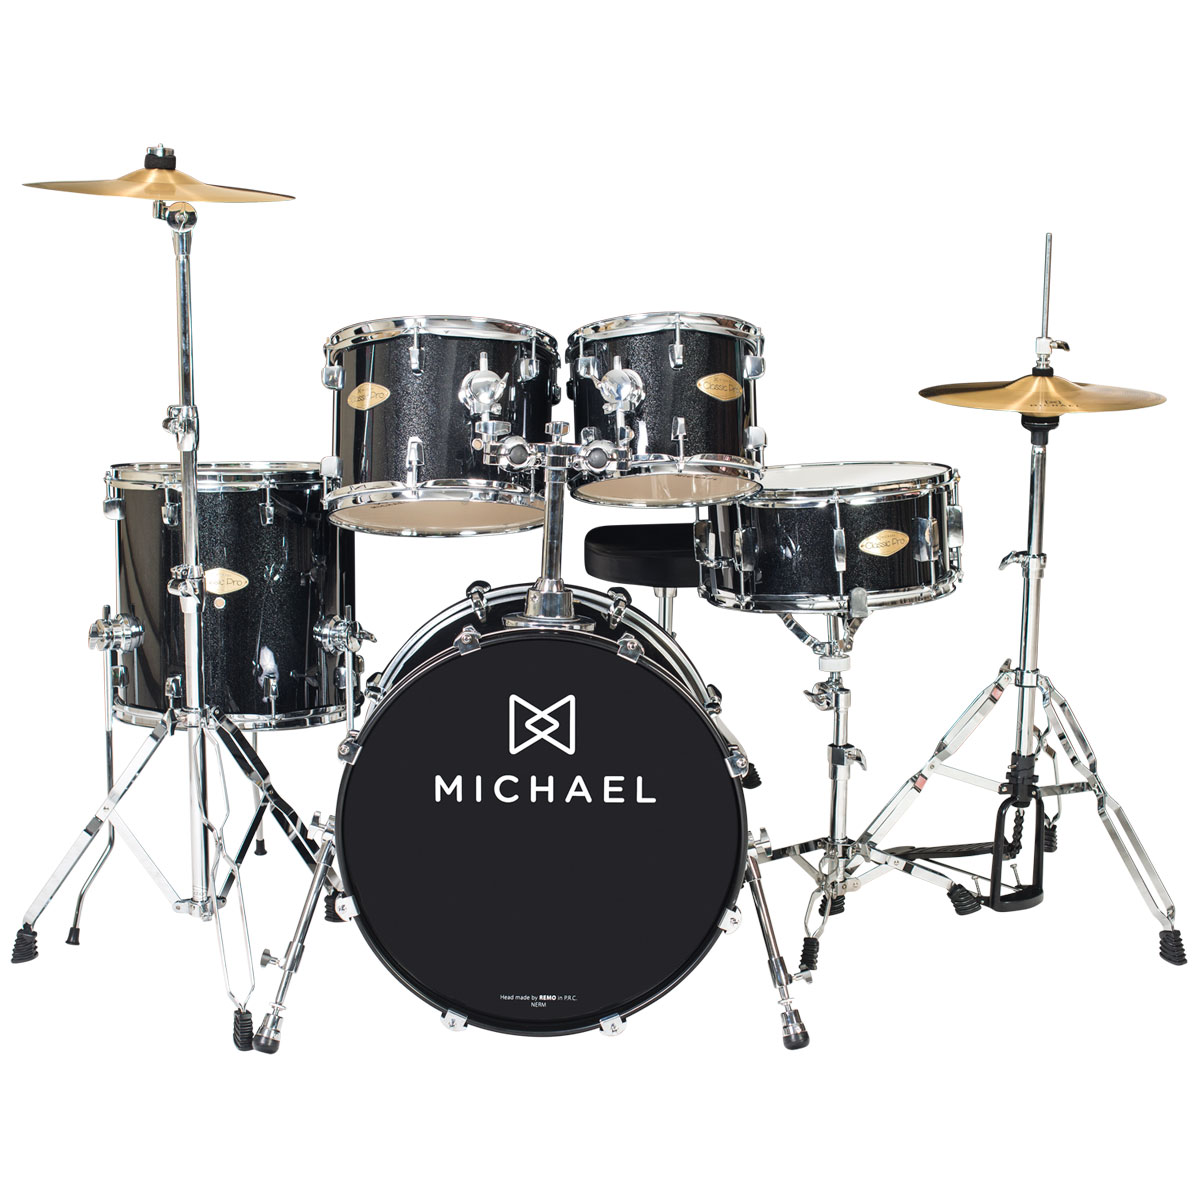 Bateria Acústica Bumbo 20 Polegadas Classic Pro DM842 BKS Preta Sparkle - Michael